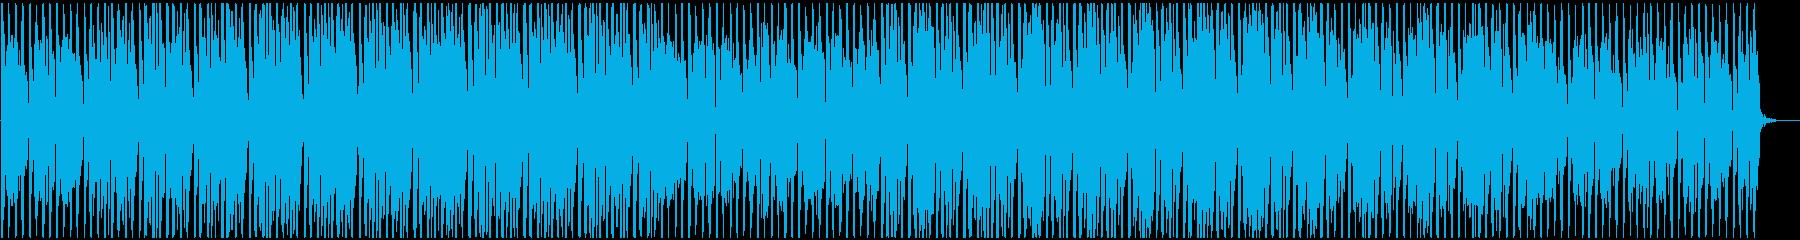 明るく軽快でトロピカルなポップスBGMの再生済みの波形